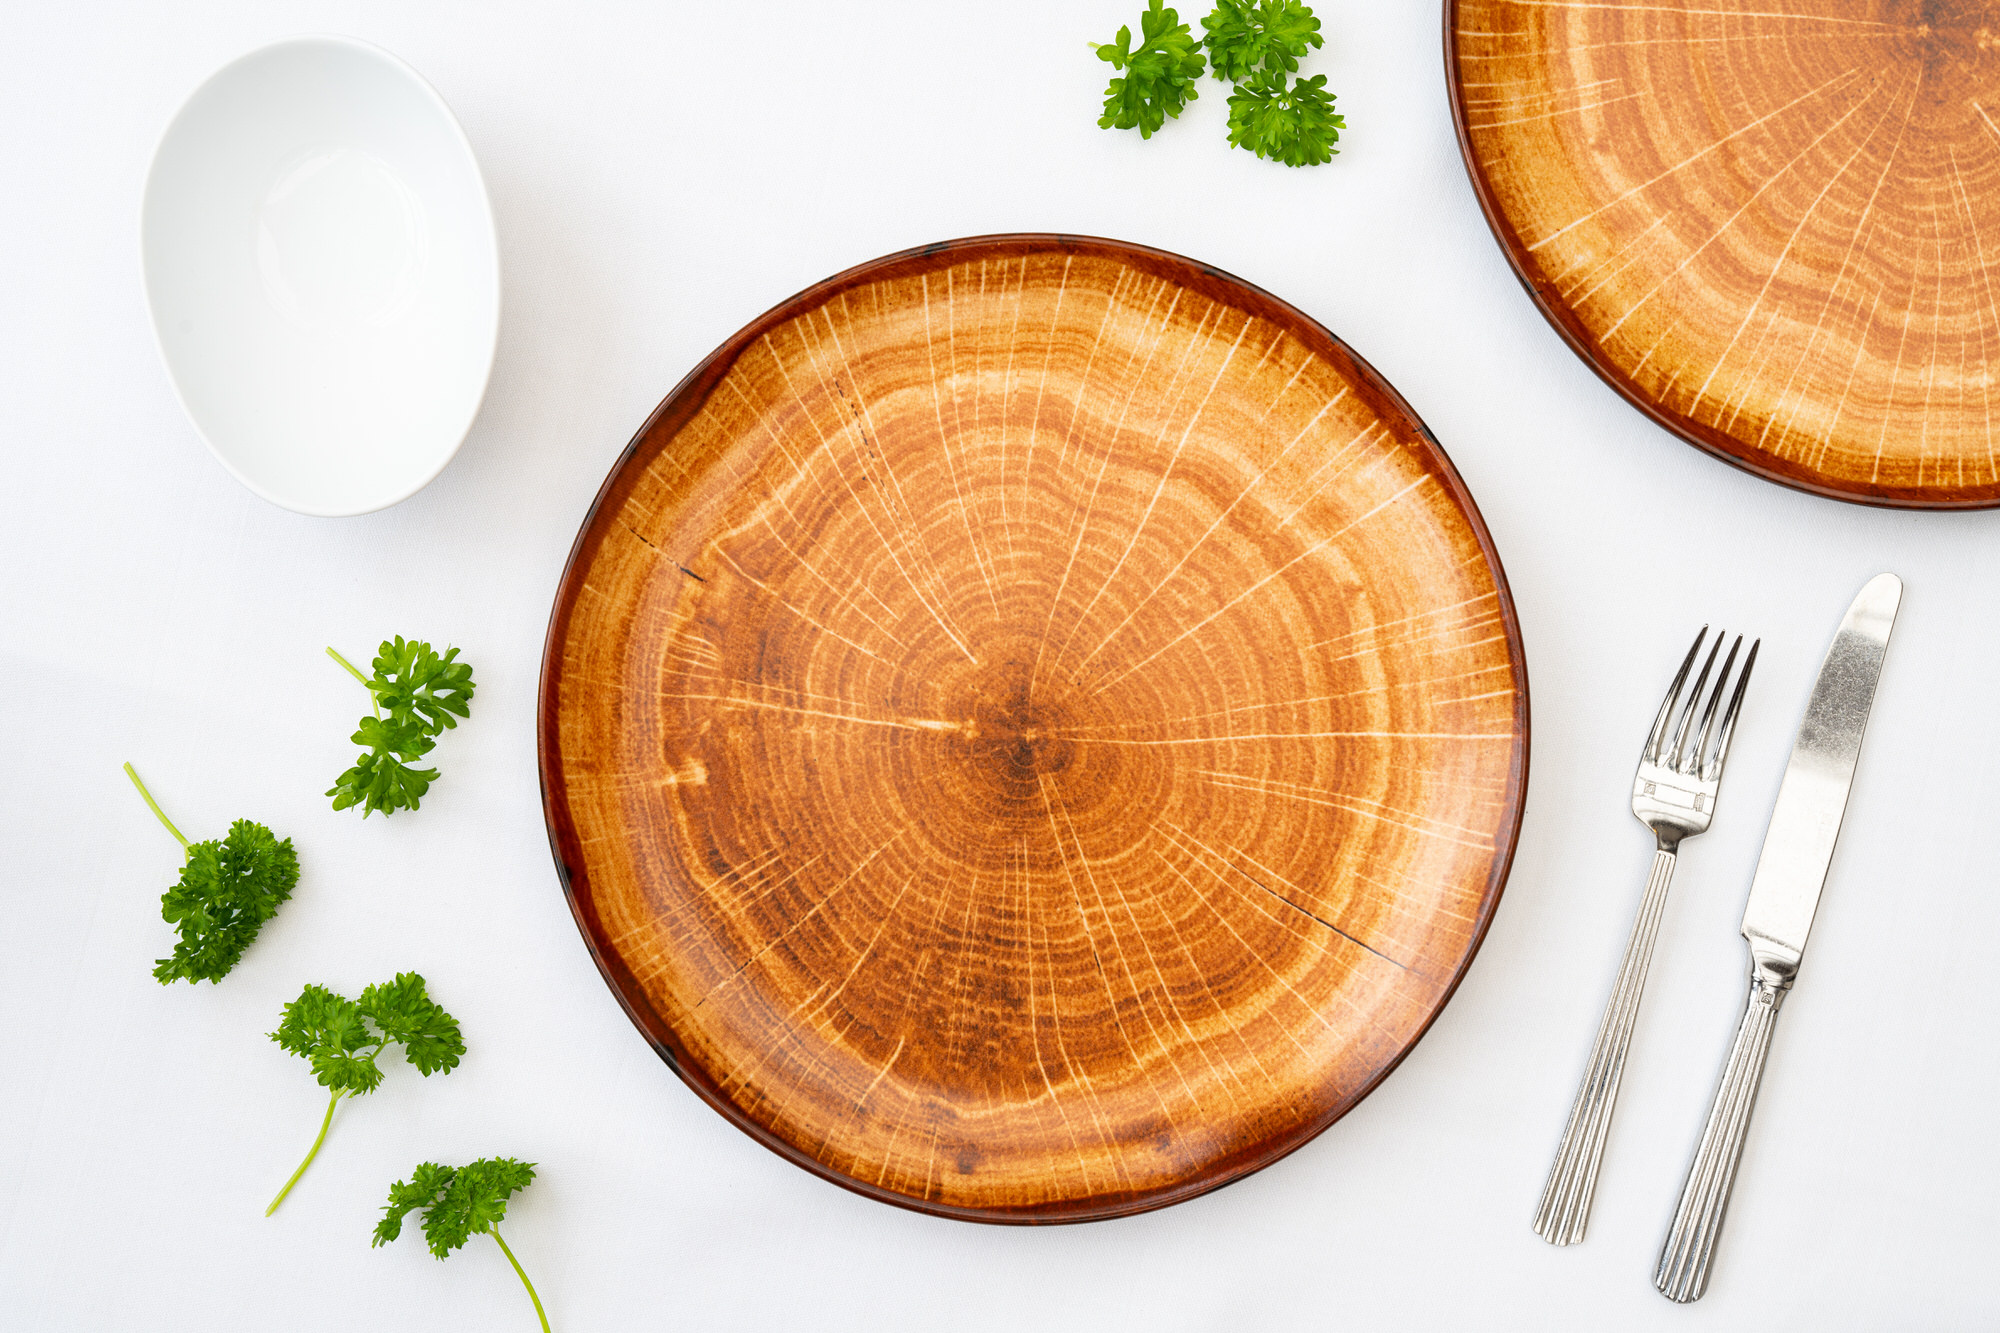 Nyd en dejlig middag med a la carte på Gyrstinge Skovkro  på Midtsjælland mellem Ringsted og Sorø